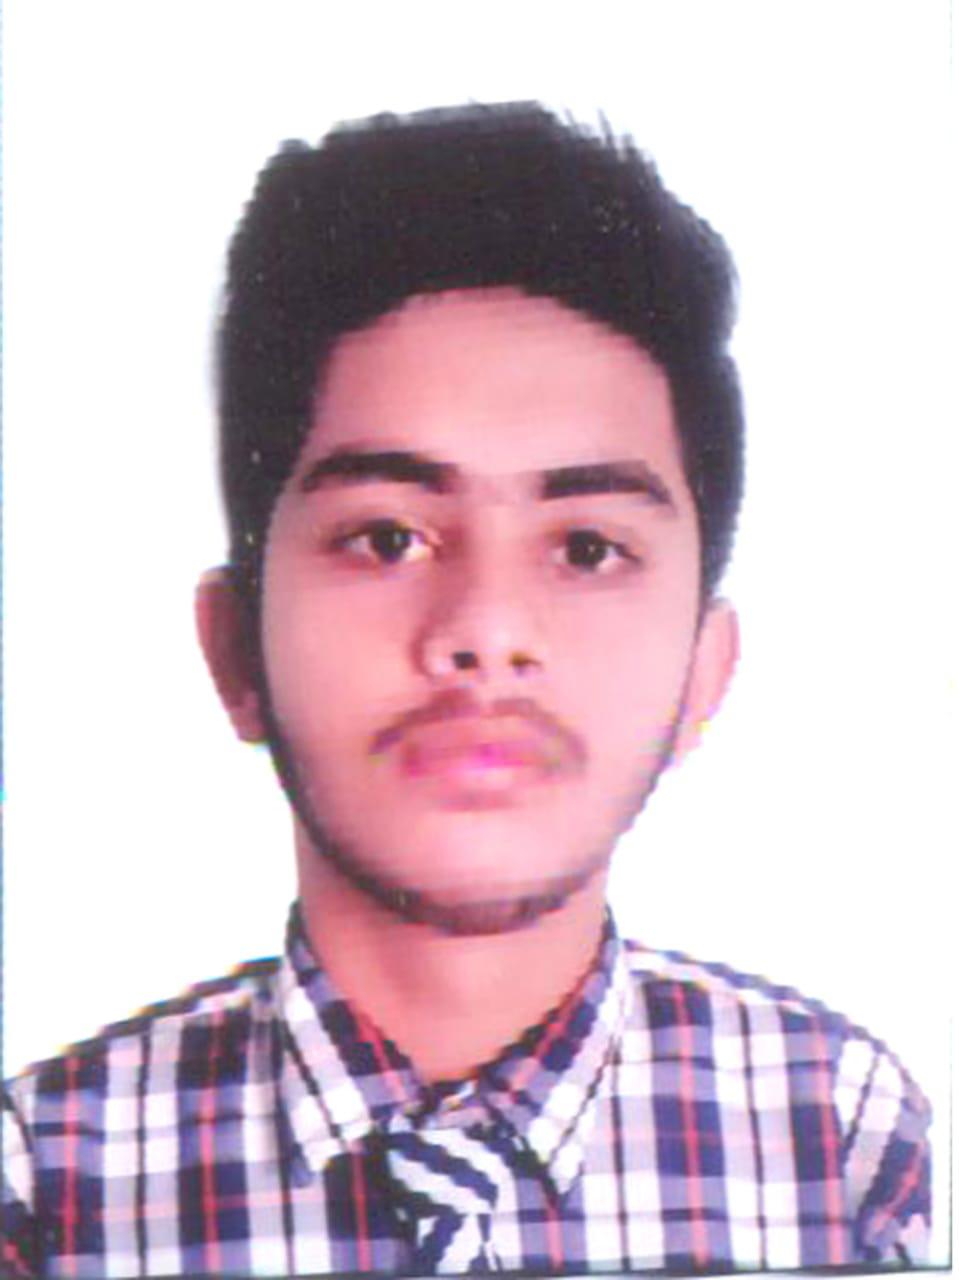 ತುಮಕೂರು: ಕನ್ನಡದಲ್ಲಿ 99 ಅಂಕಗಳನ್ನು ಪಡೆದ ದುಬೈ ವಿದ್ಯಾರ್ಥಿ.....